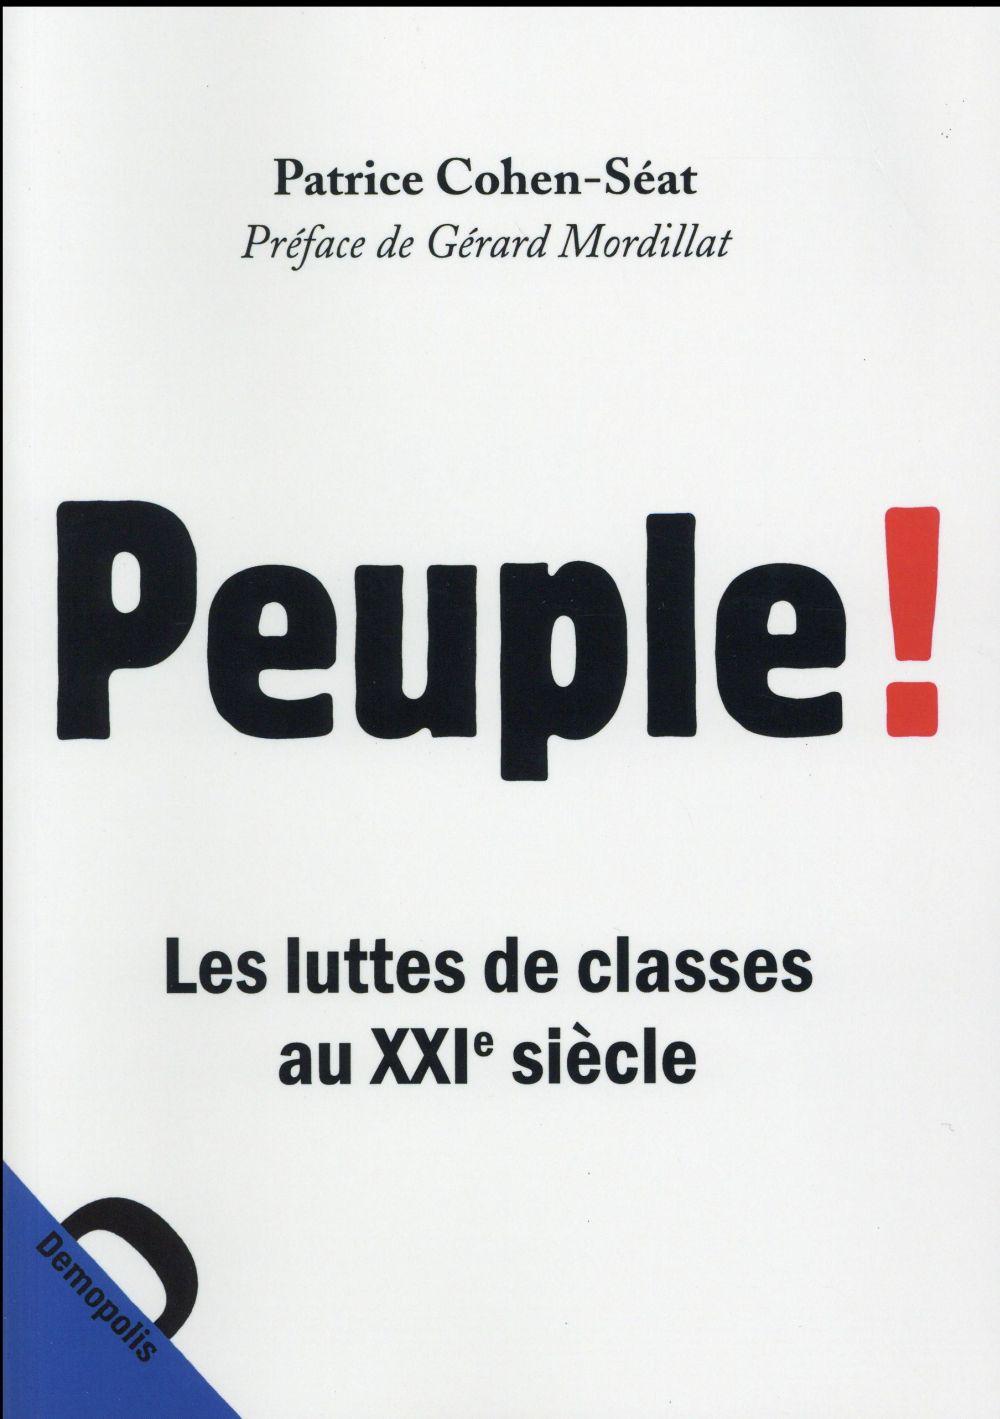 Peuple! les luttes de classes au XXI siècle